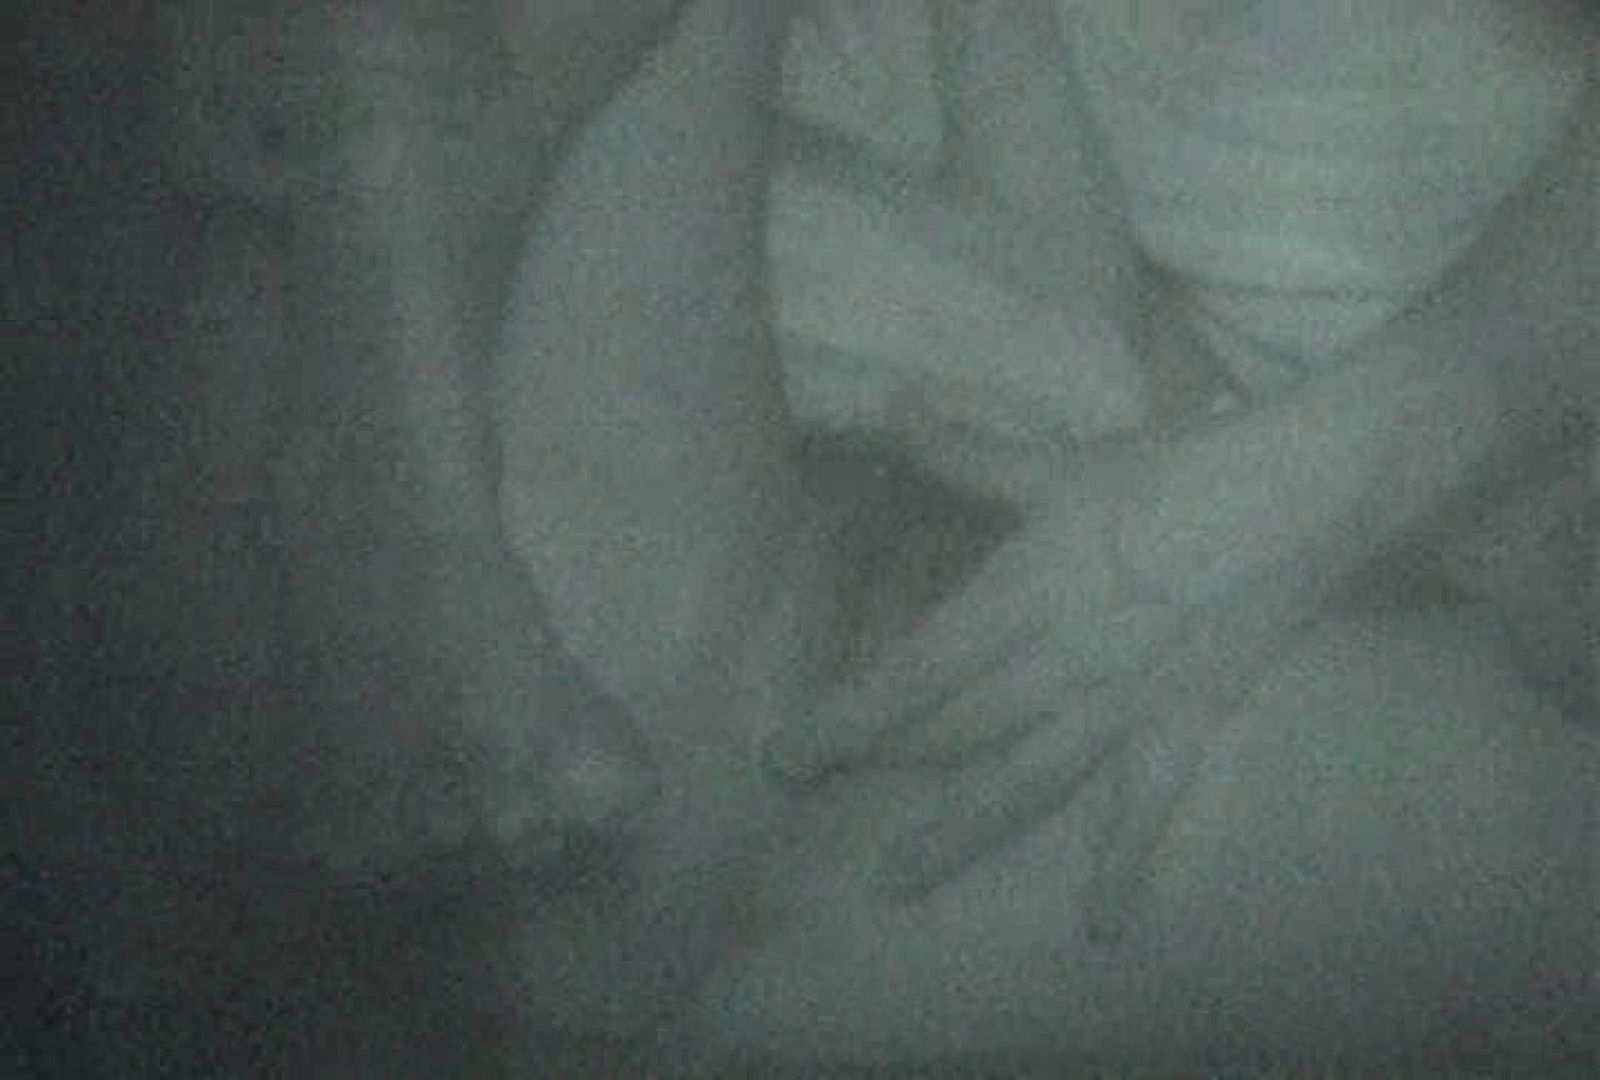 「充血監督」さんの深夜の運動会!! vol.047 OLの実態 覗きオメコ動画キャプチャ 91pic 8